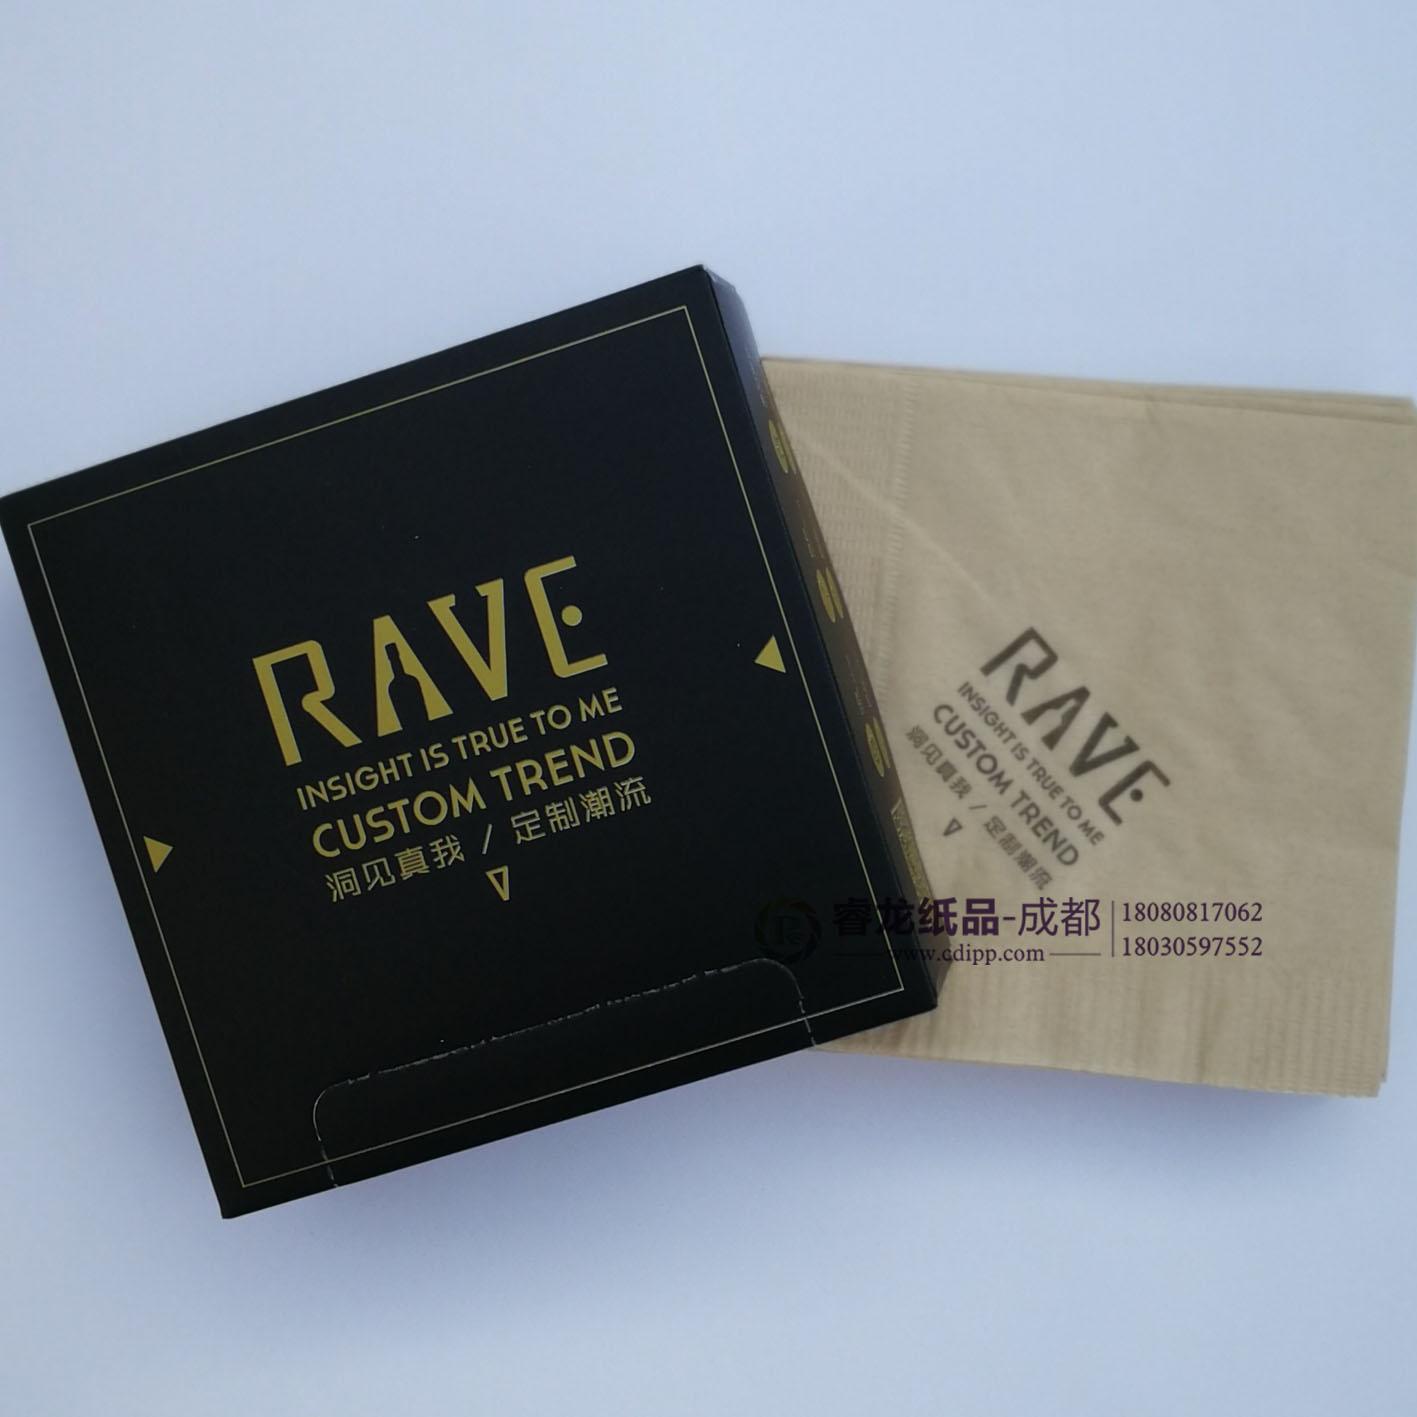 ????成都彩色方巾紙公司?餐廳會所盒裝方巾紙生產定制廠家?